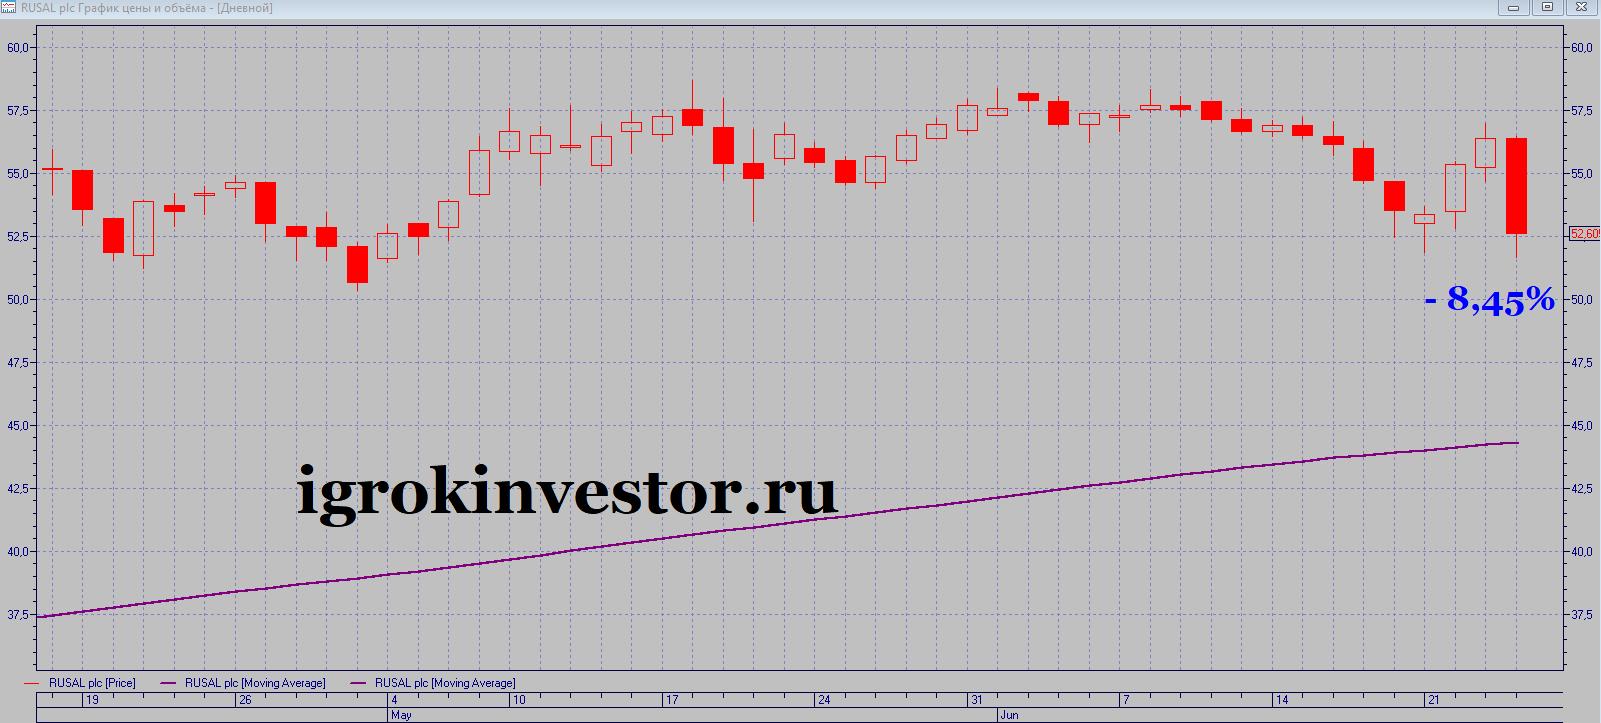 Русал акции прогноз график